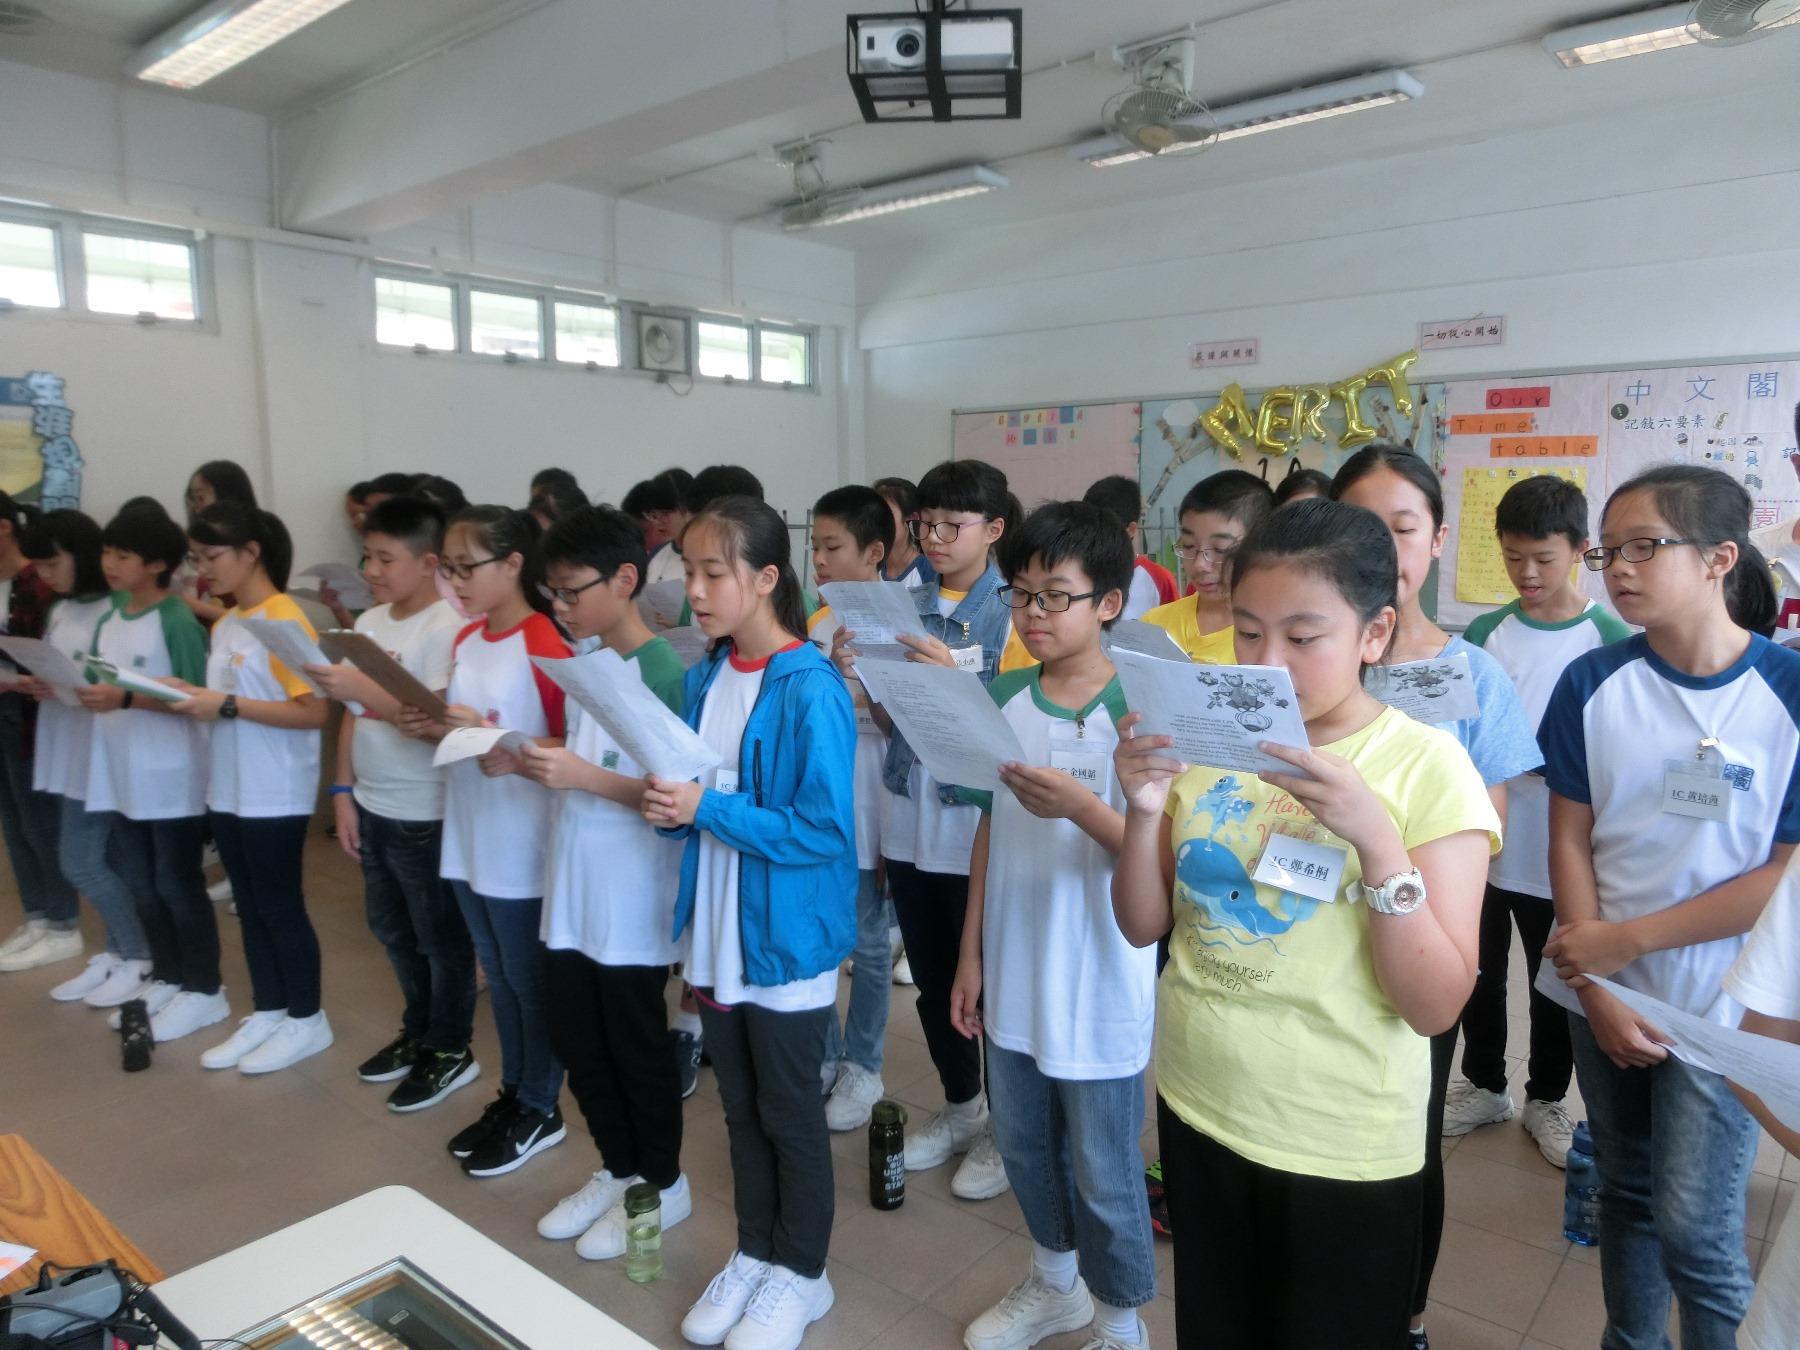 https://www.npc.edu.hk/sites/default/files/1c_zhong_ying_bing_chong_01.jpg